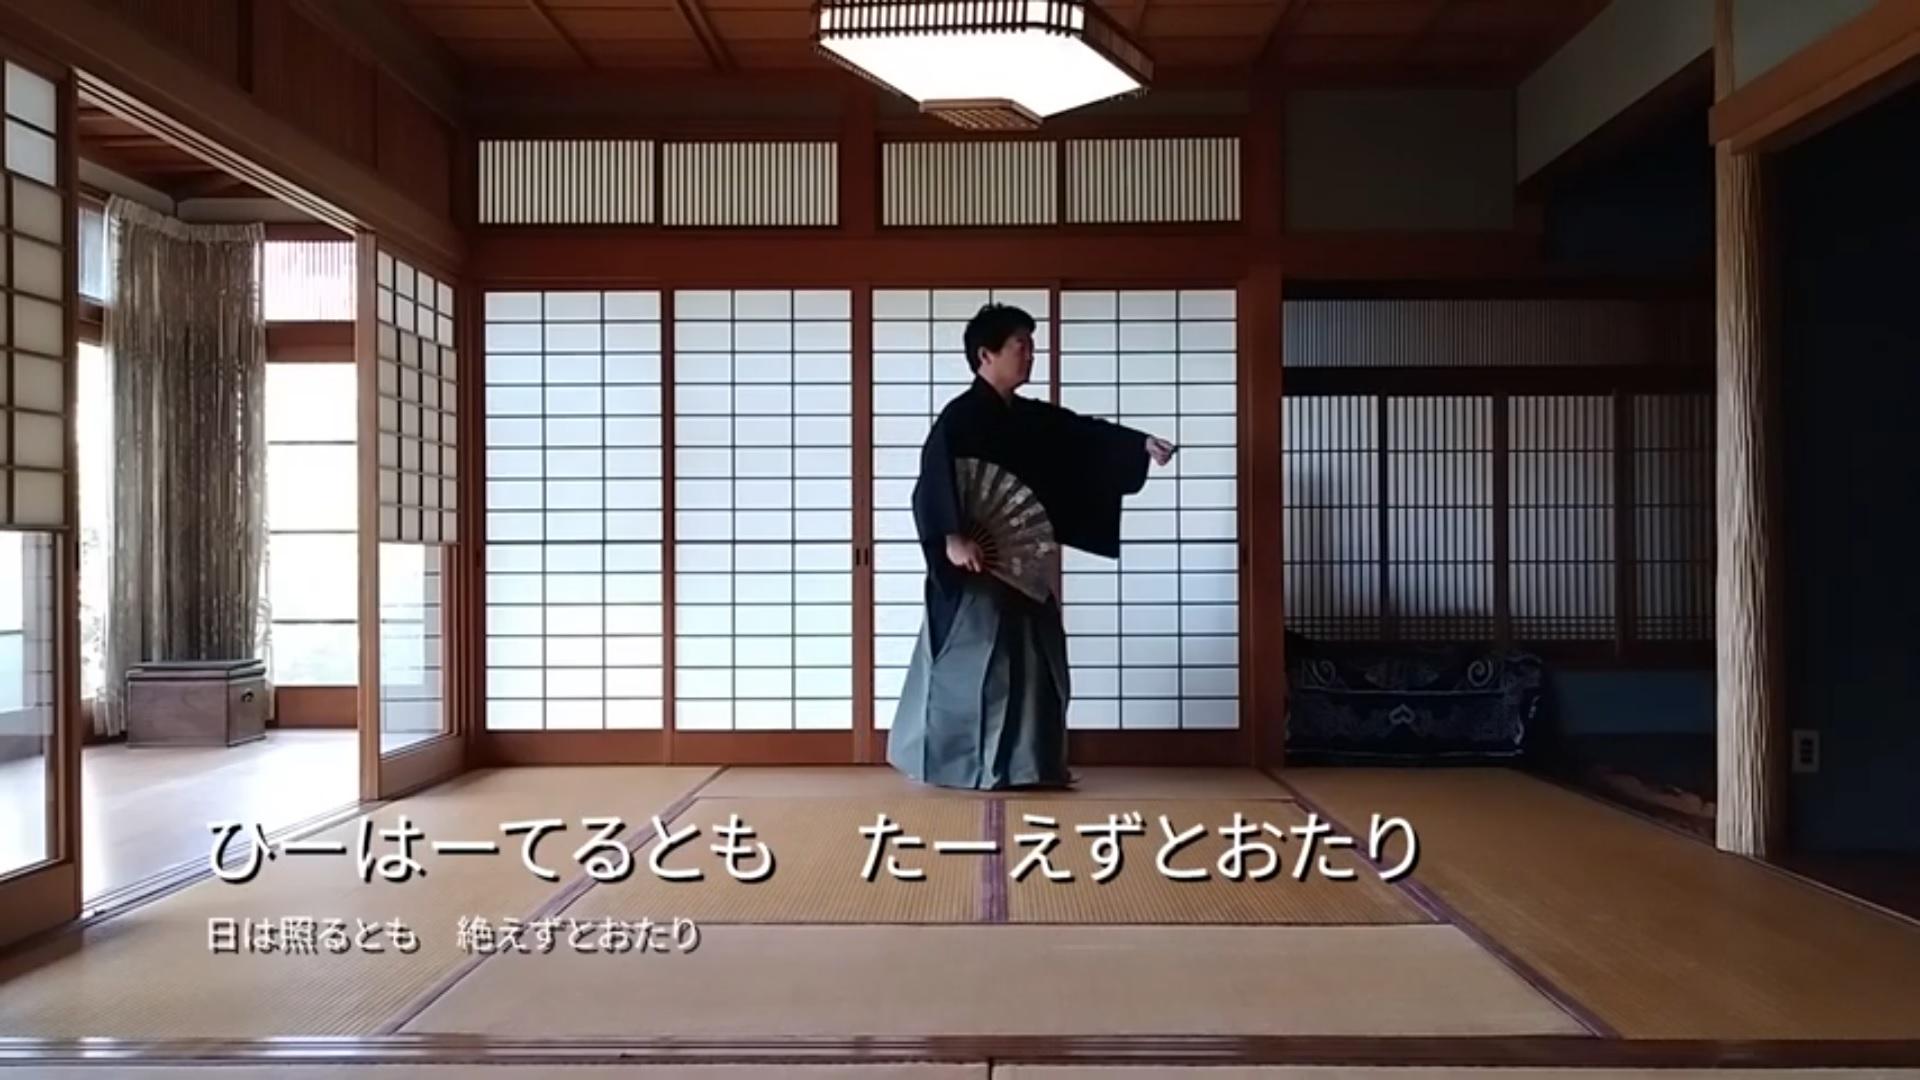 仕舞《安宅》お手本動画